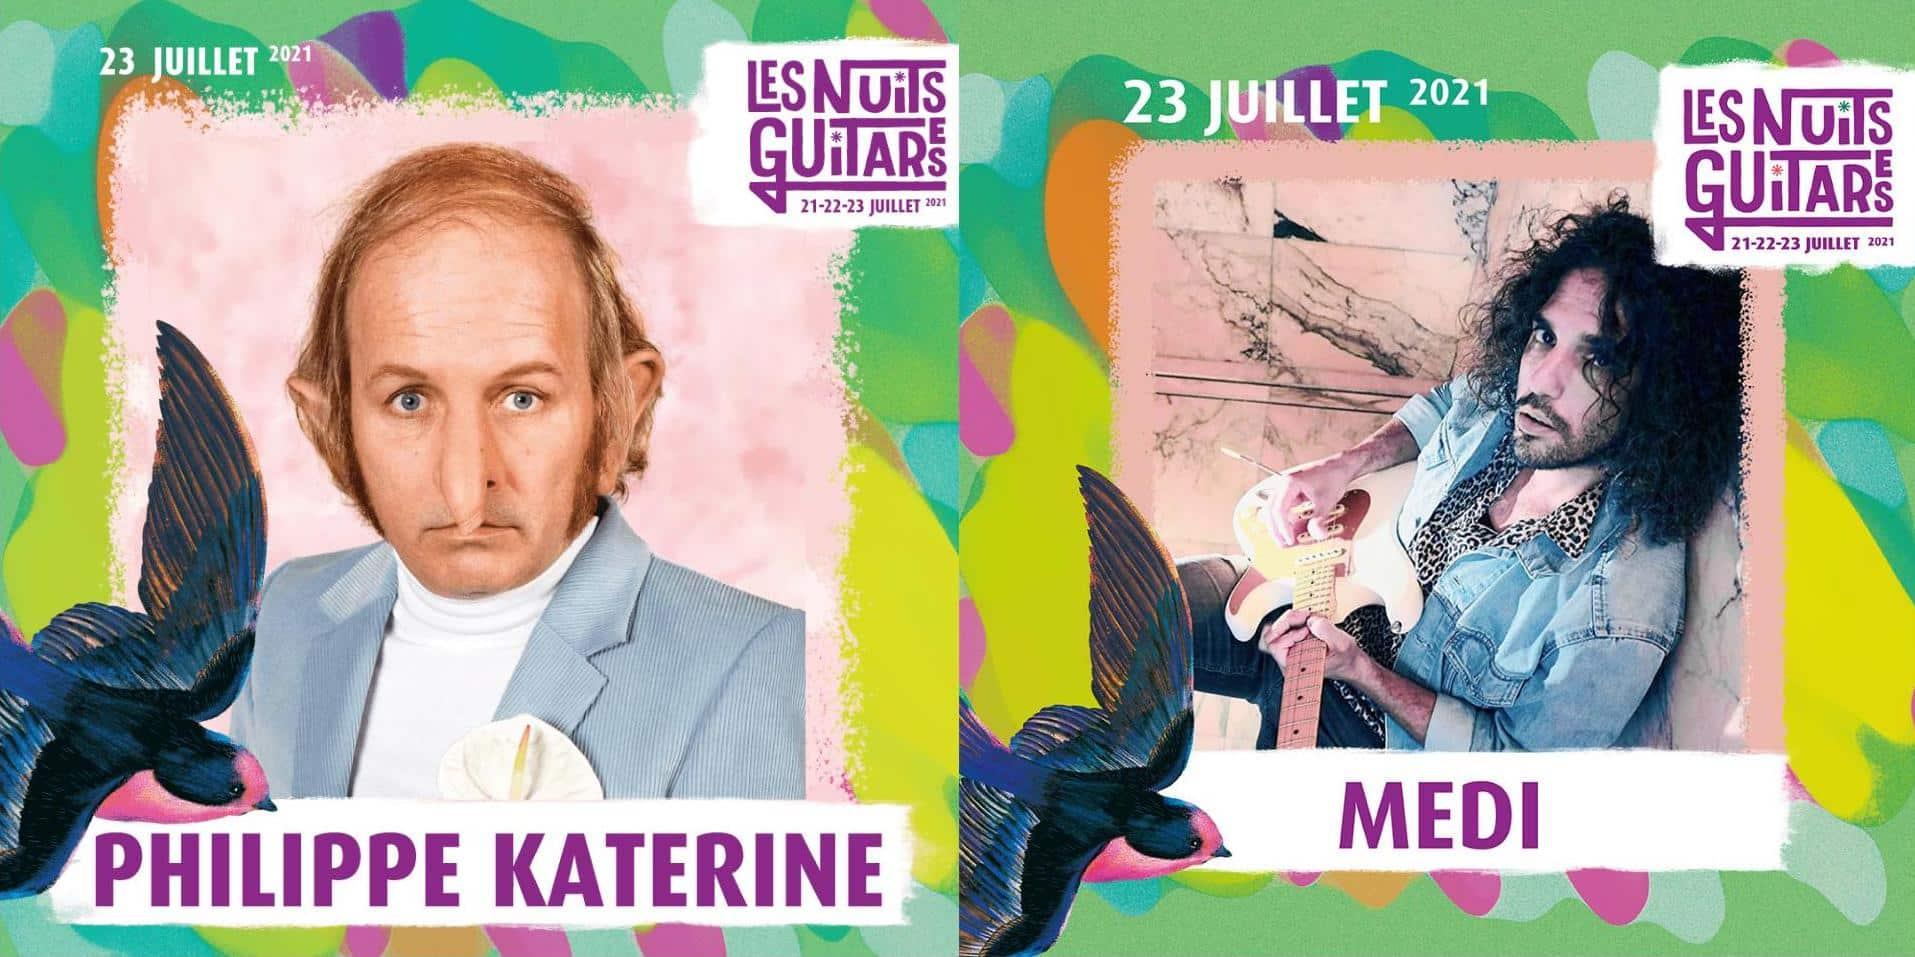 Philippe Katerine et Medi Visuel Nuits Guitares